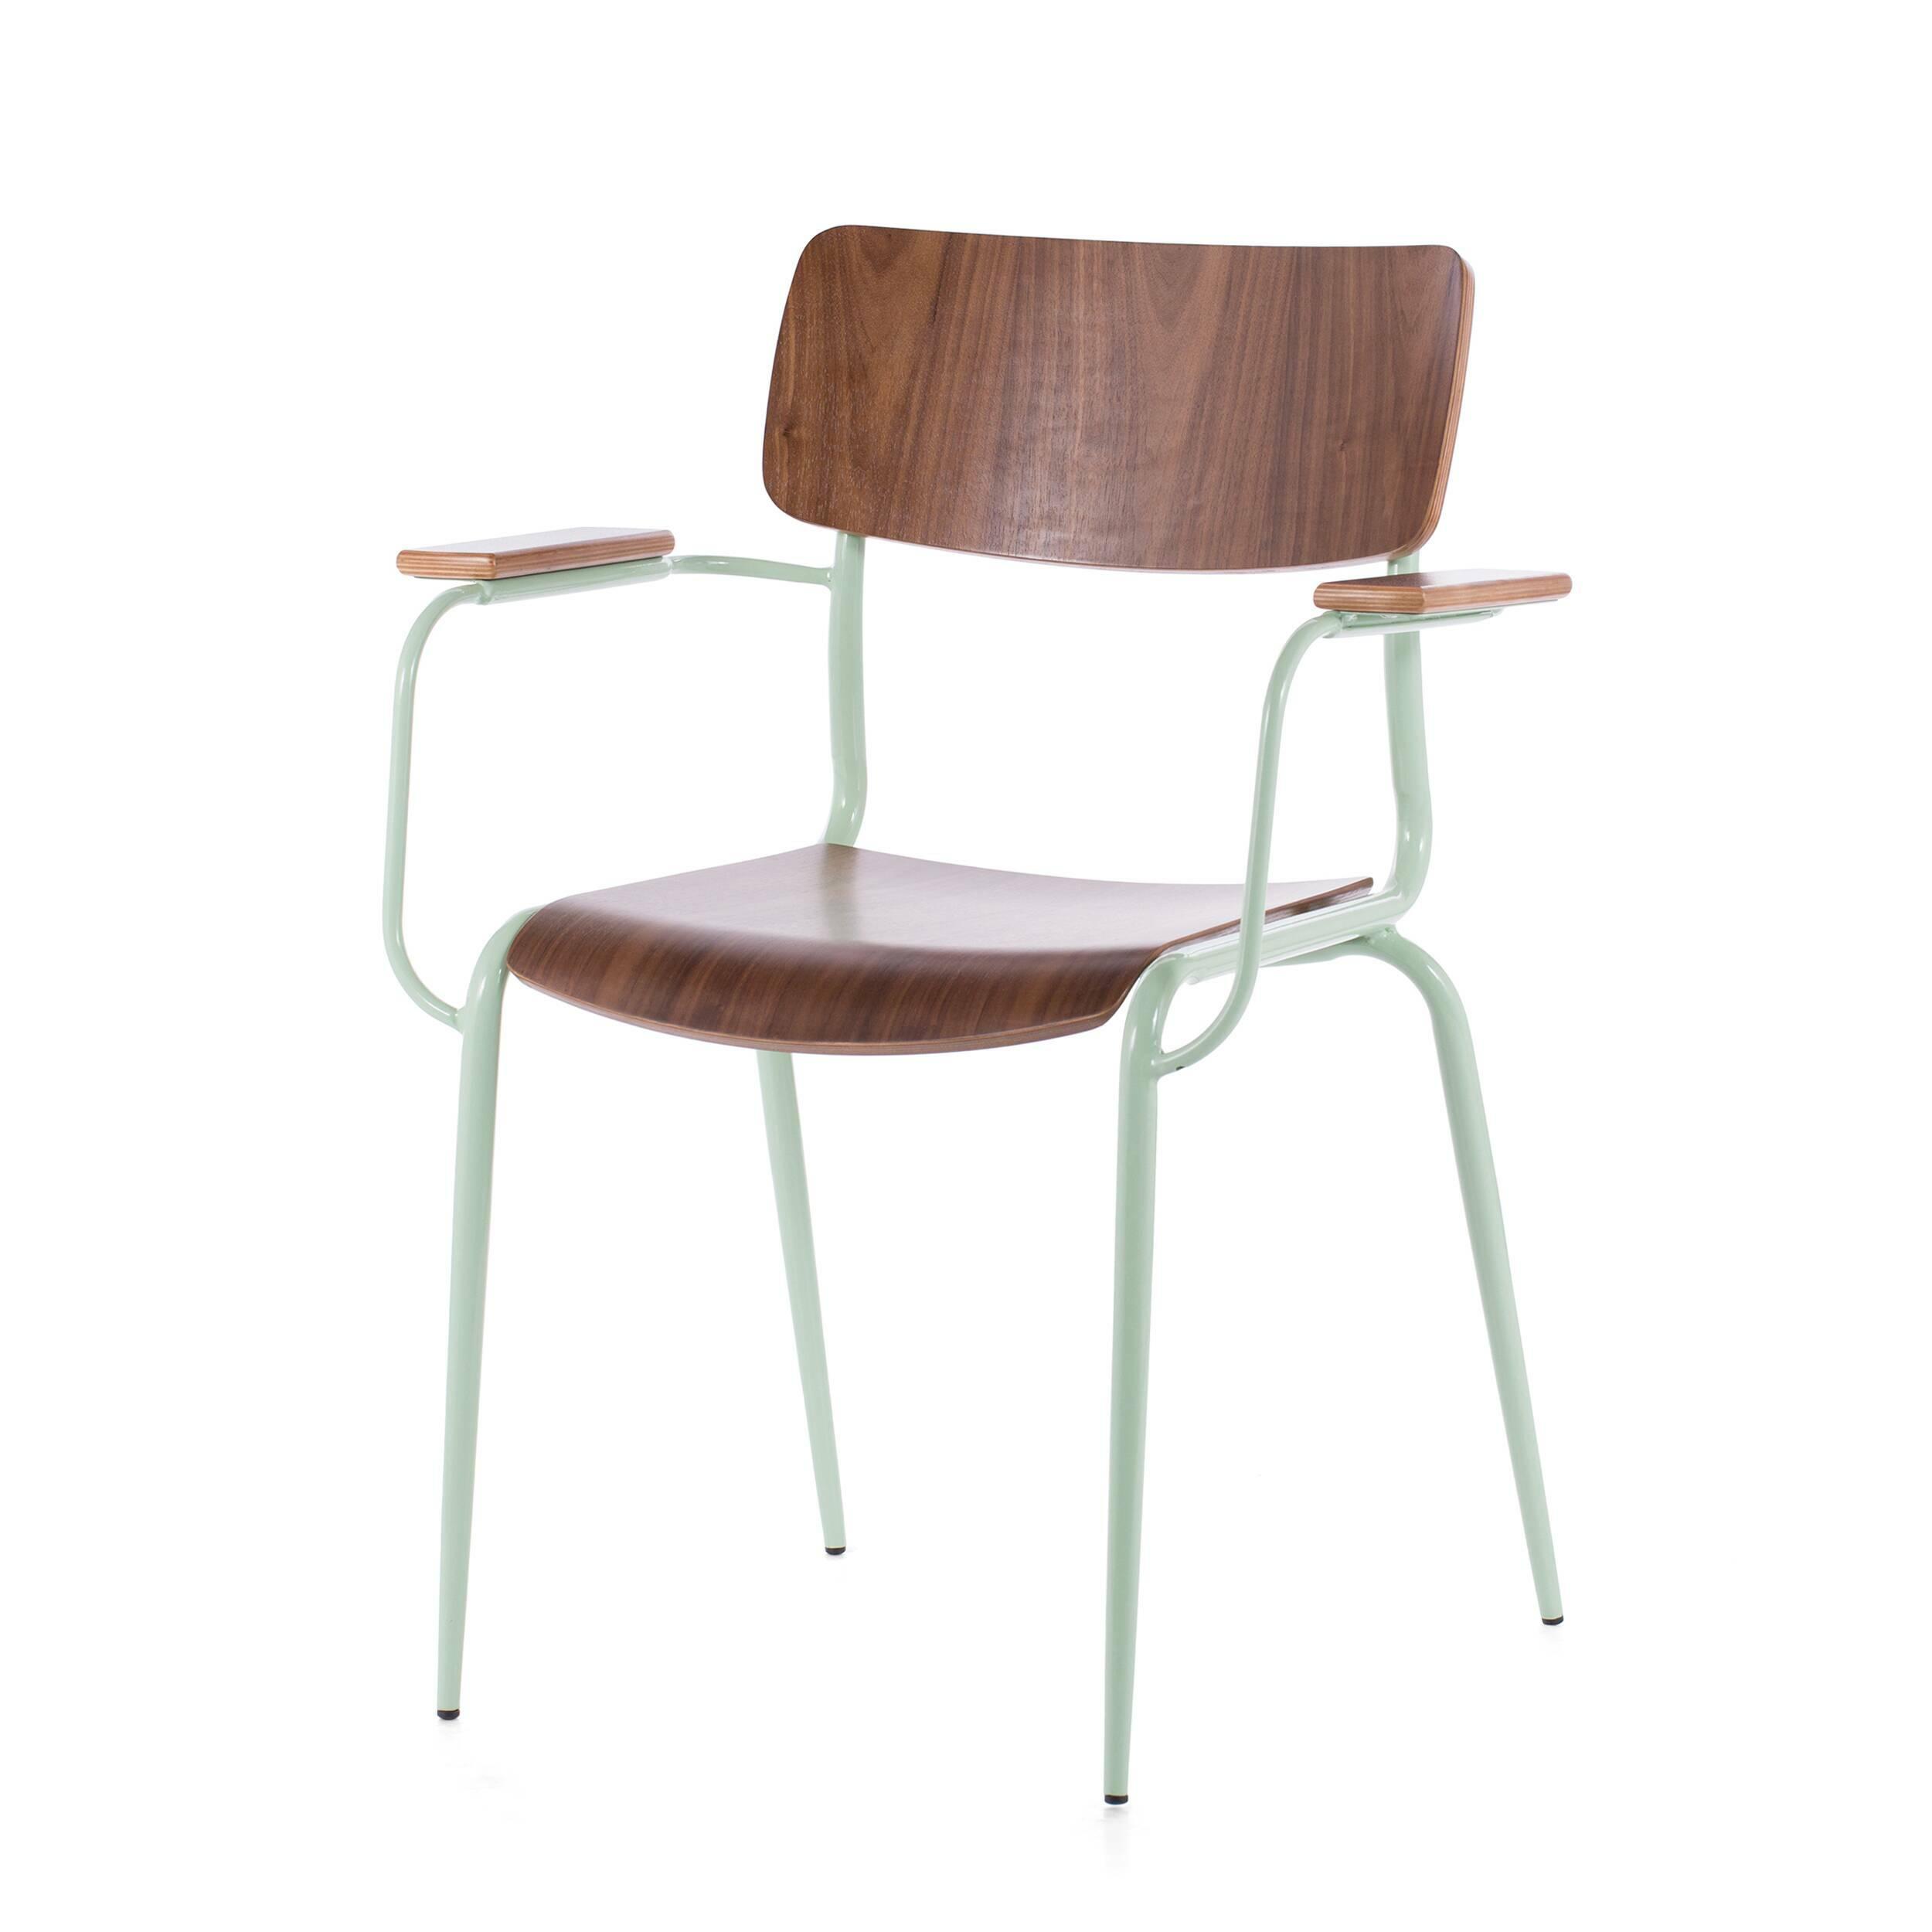 Стул Mies с подлокотникамиИнтерьерные<br>Дизайнерский легий стул Mies с подлокотниками из стали и дерева от Cosmo (Космо).<br>Стулья Mies от компании Cosmo — это две модели, отличающиеся наличием подлокотников. Таким образом, вы можете подобрать наиболее подходящую под ваши цели мебель для сидения — обеденную, а возможно, и рабочую или интерьерную. <br> <br> Оригинальный стул Mies с подлокотниками — это удобный и вполне классический предмет интерьера в скандинавском стиле. Текстура натуральной древесины гармонично смотрится с пастельным ц...<br><br>stock: 0<br>Высота: 83<br>Ширина: 62<br>Глубина: 55<br>Тип материала каркаса: Сталь<br>Материал сидения: Фанера, шпон ореха<br>Цвет сидения: Орех<br>Тип материала сидения: Дерево<br>Цвет каркаса: Светло-зеленый